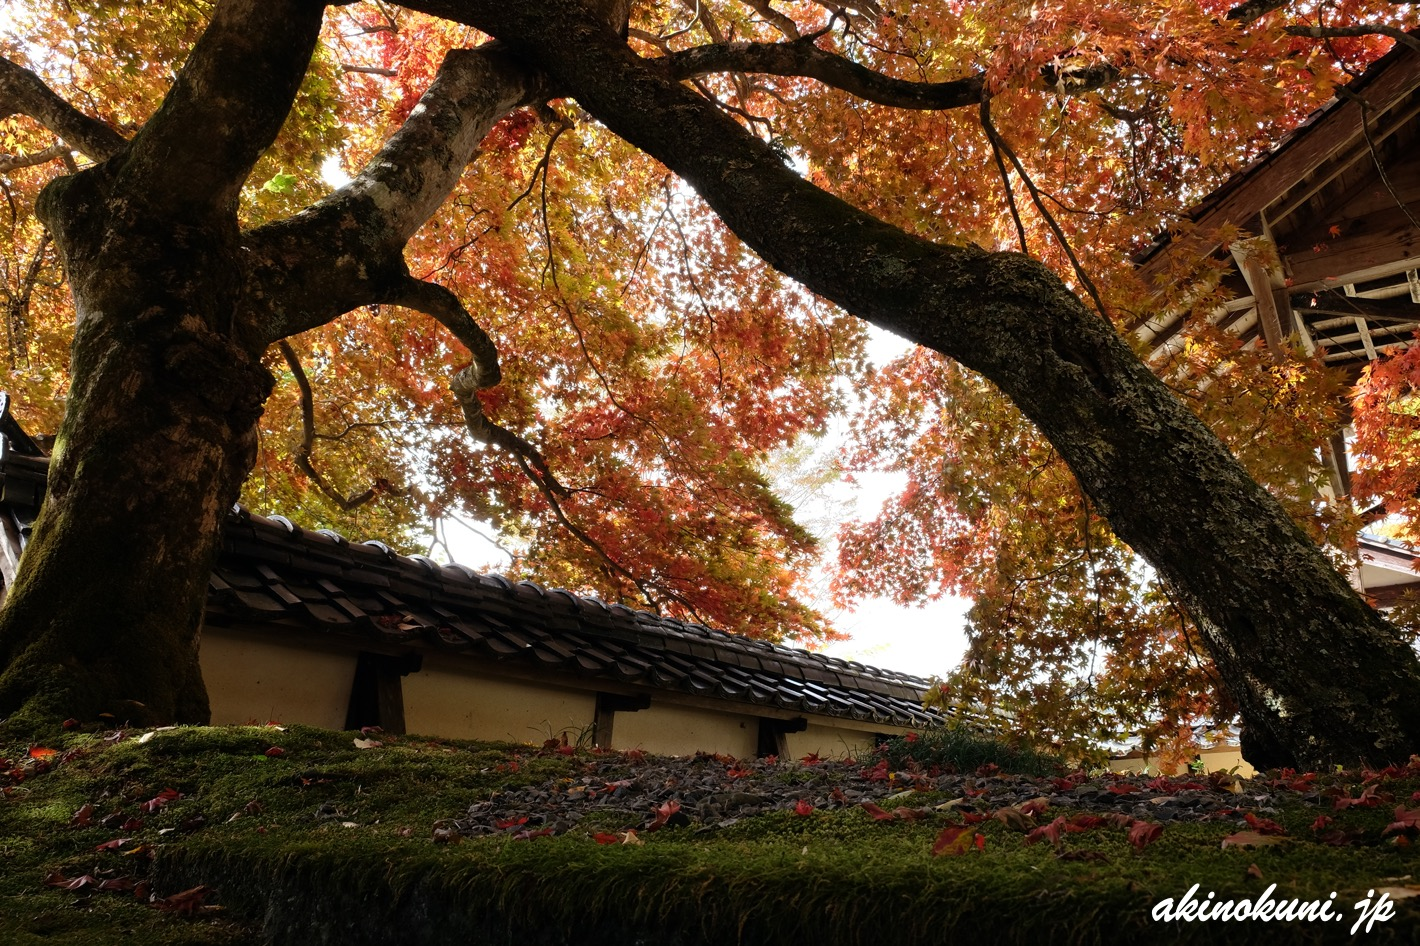 教龍寺の紅葉 樹齢300年の紅葉と枝垂桜